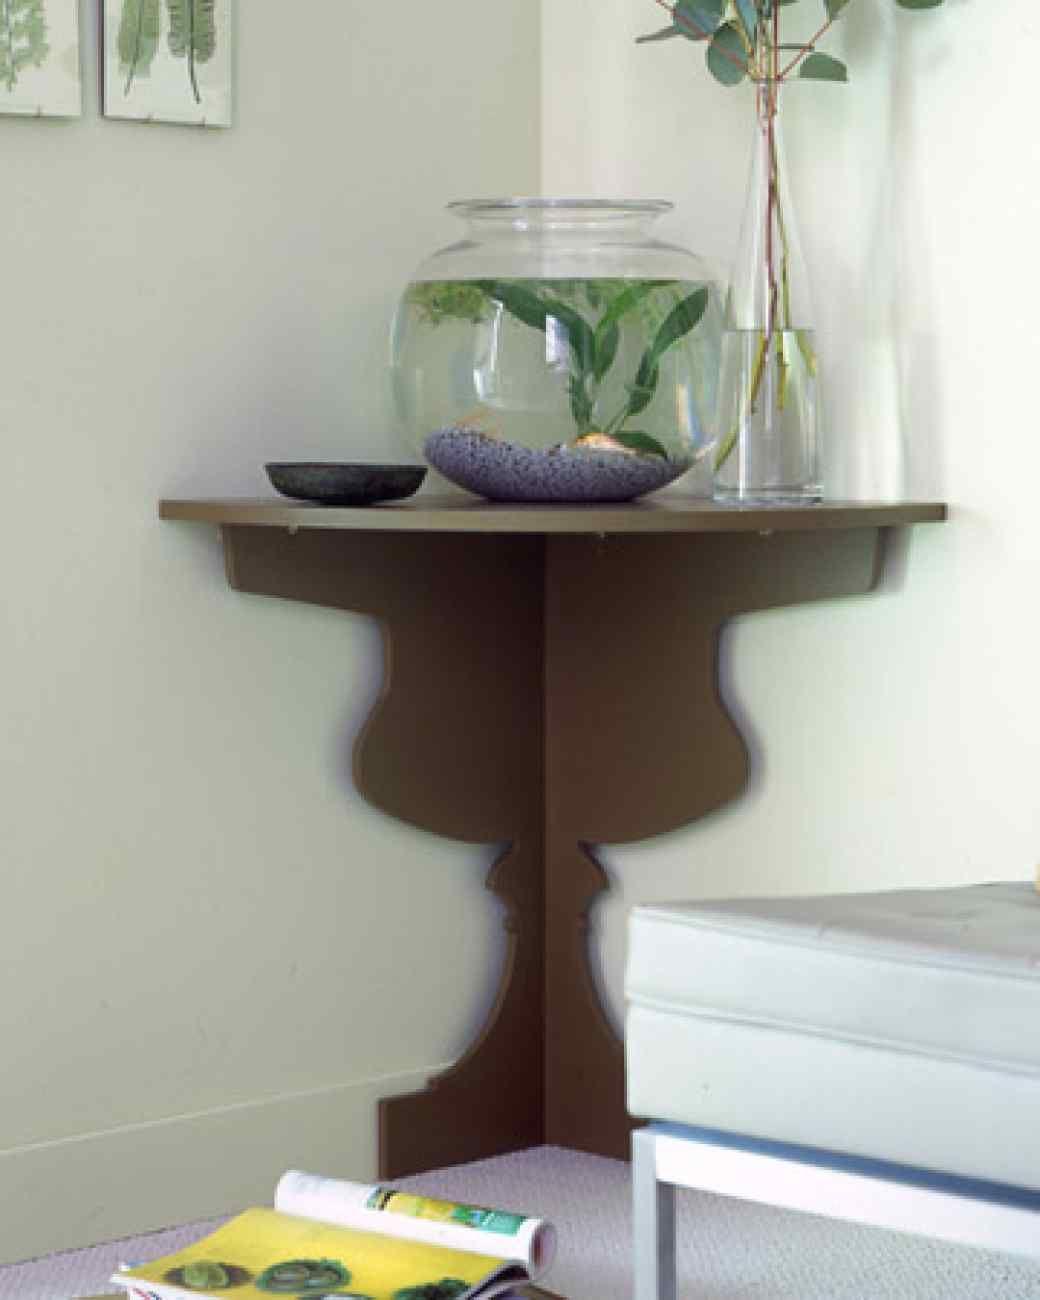 Fullsize Of Corner Shelf Hanging